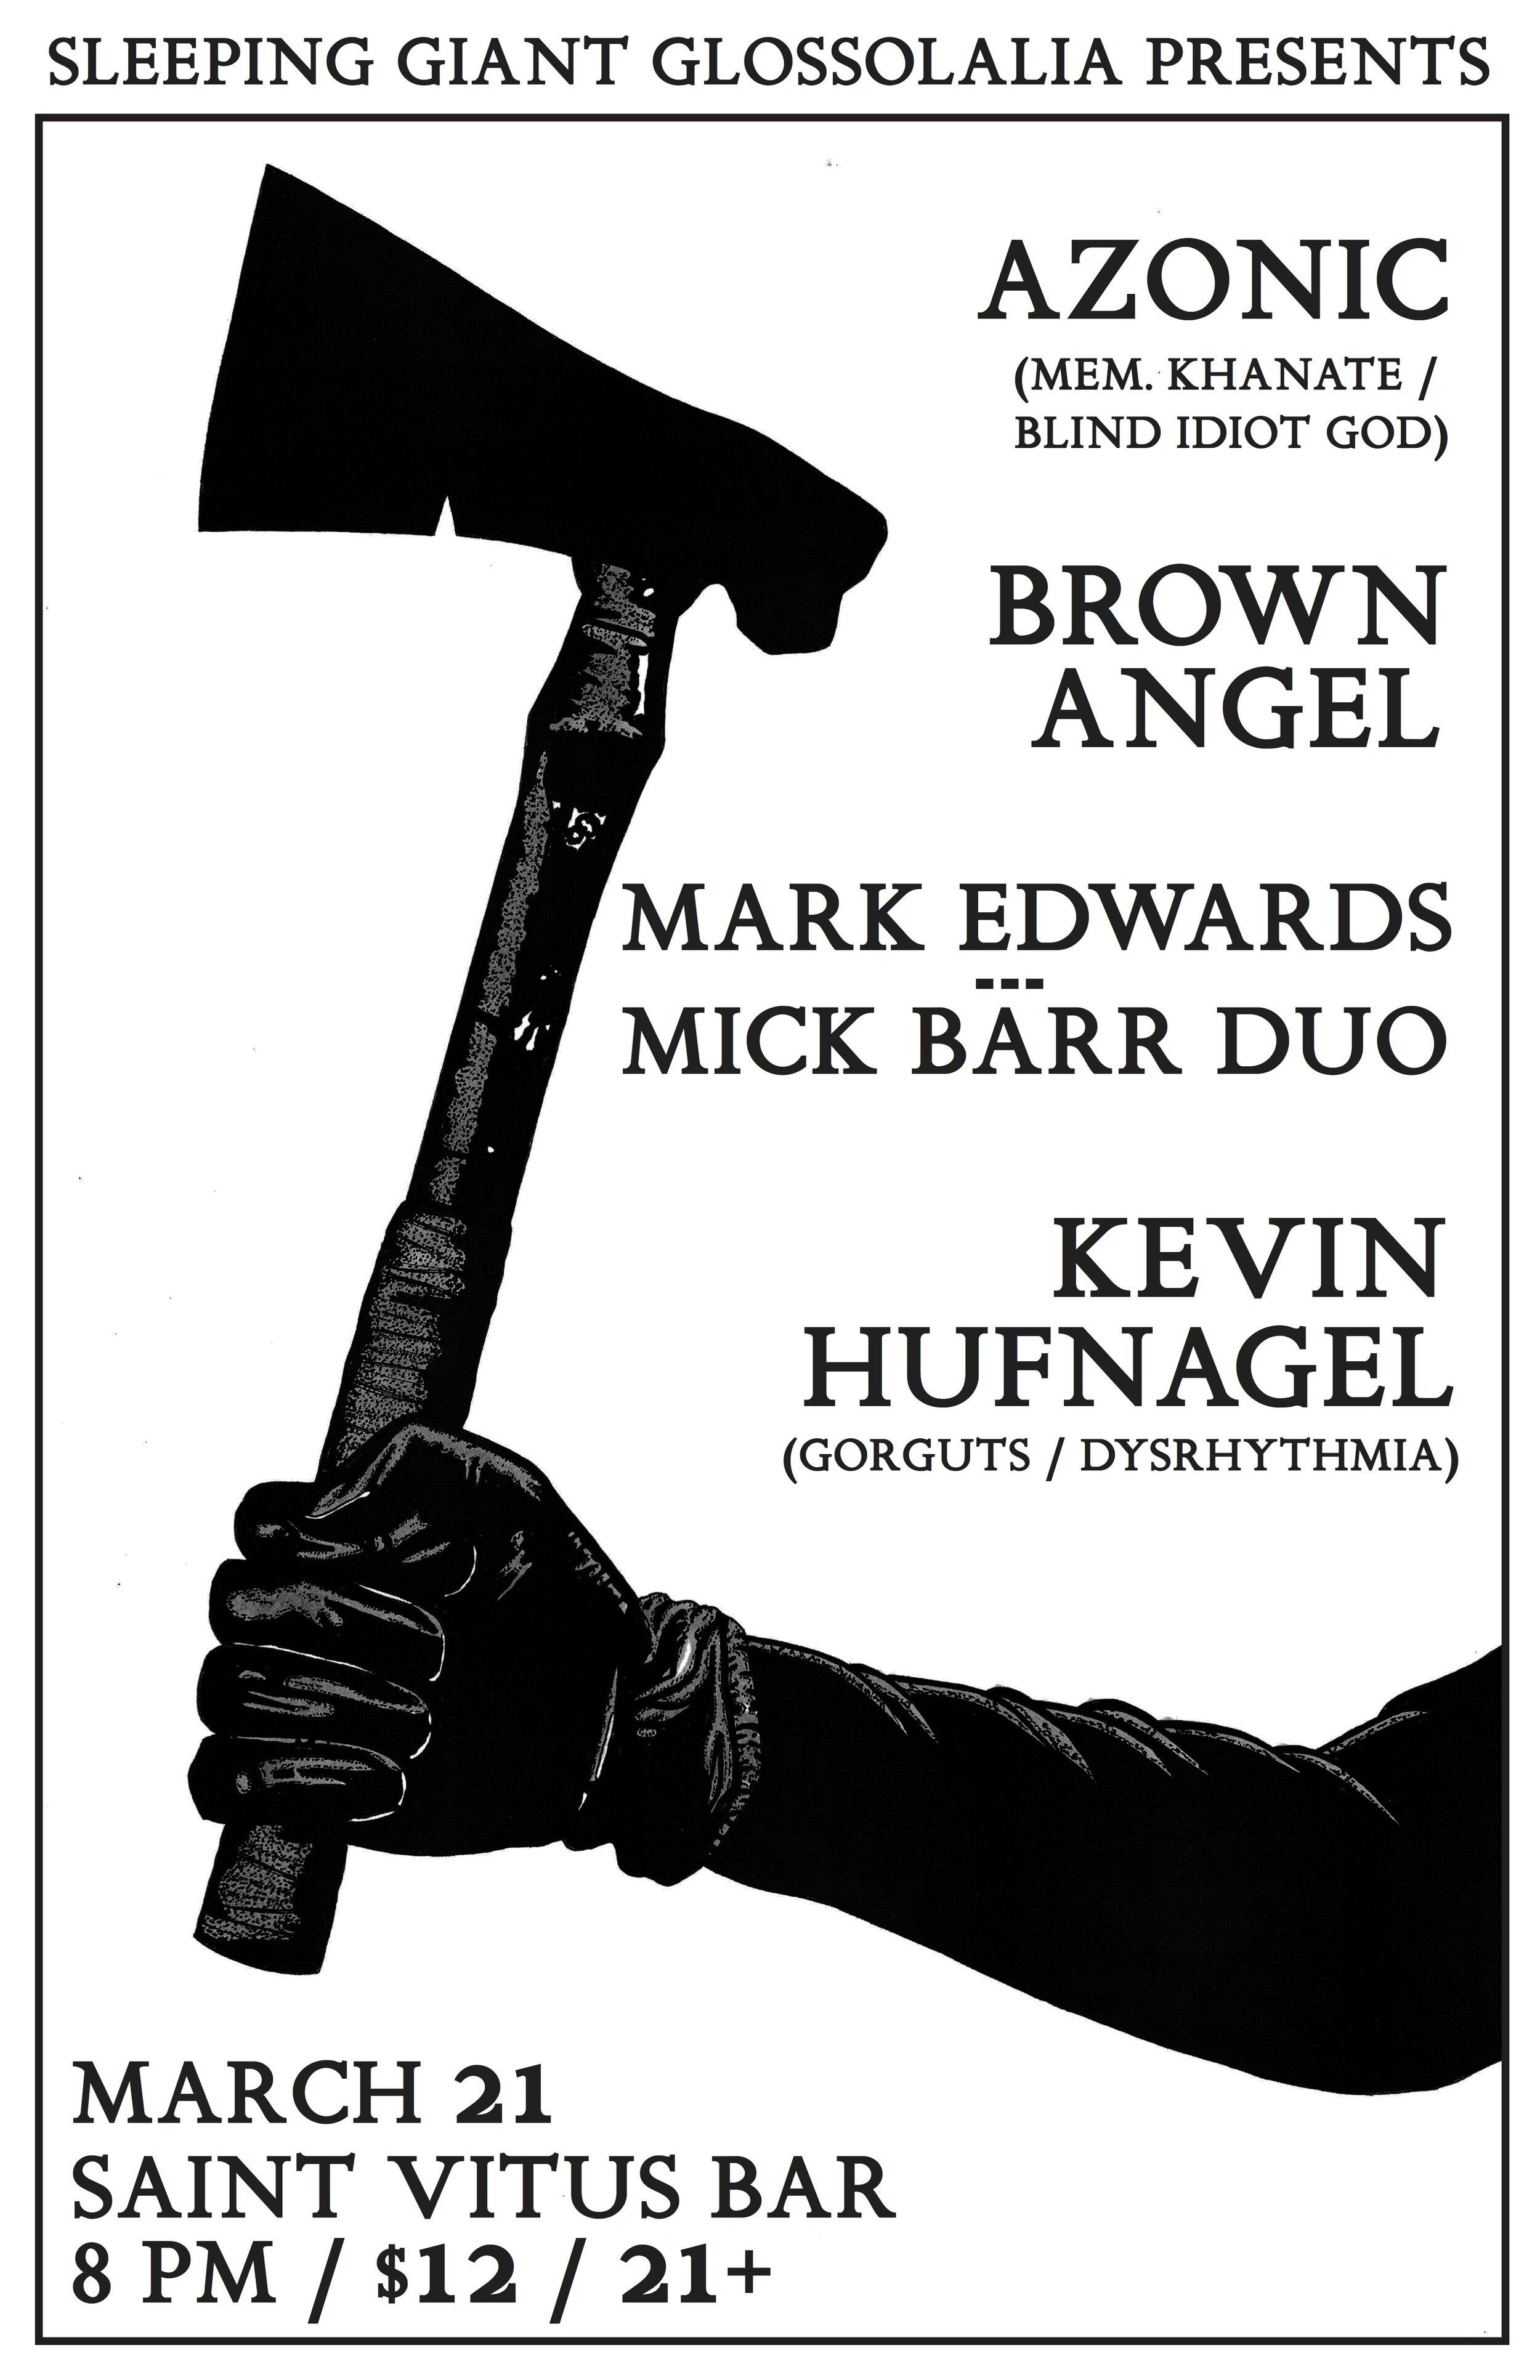 SGG 3.21 poster.jpg